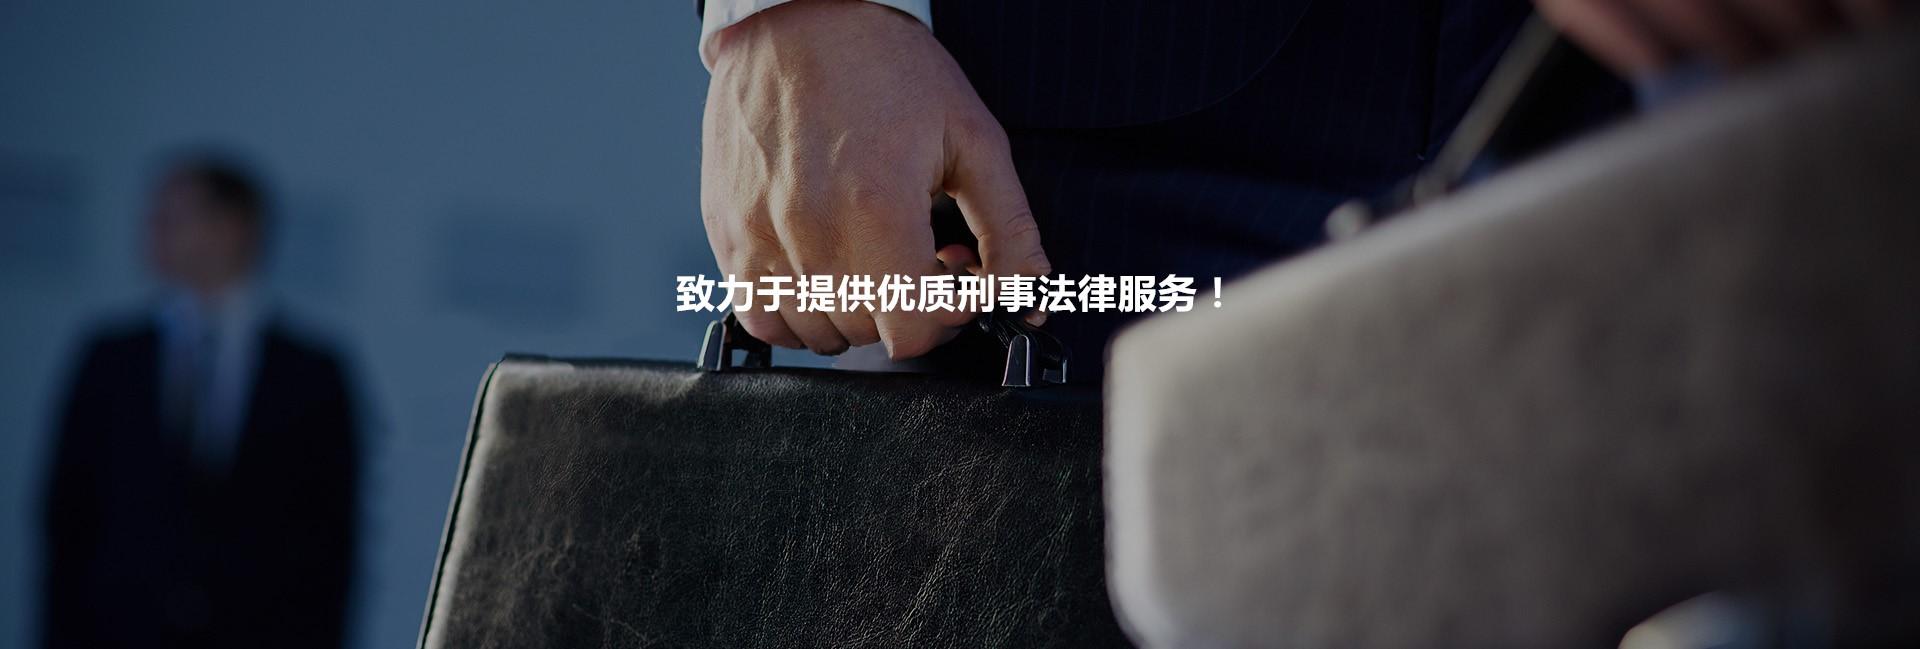 青岛刑事律师大图一